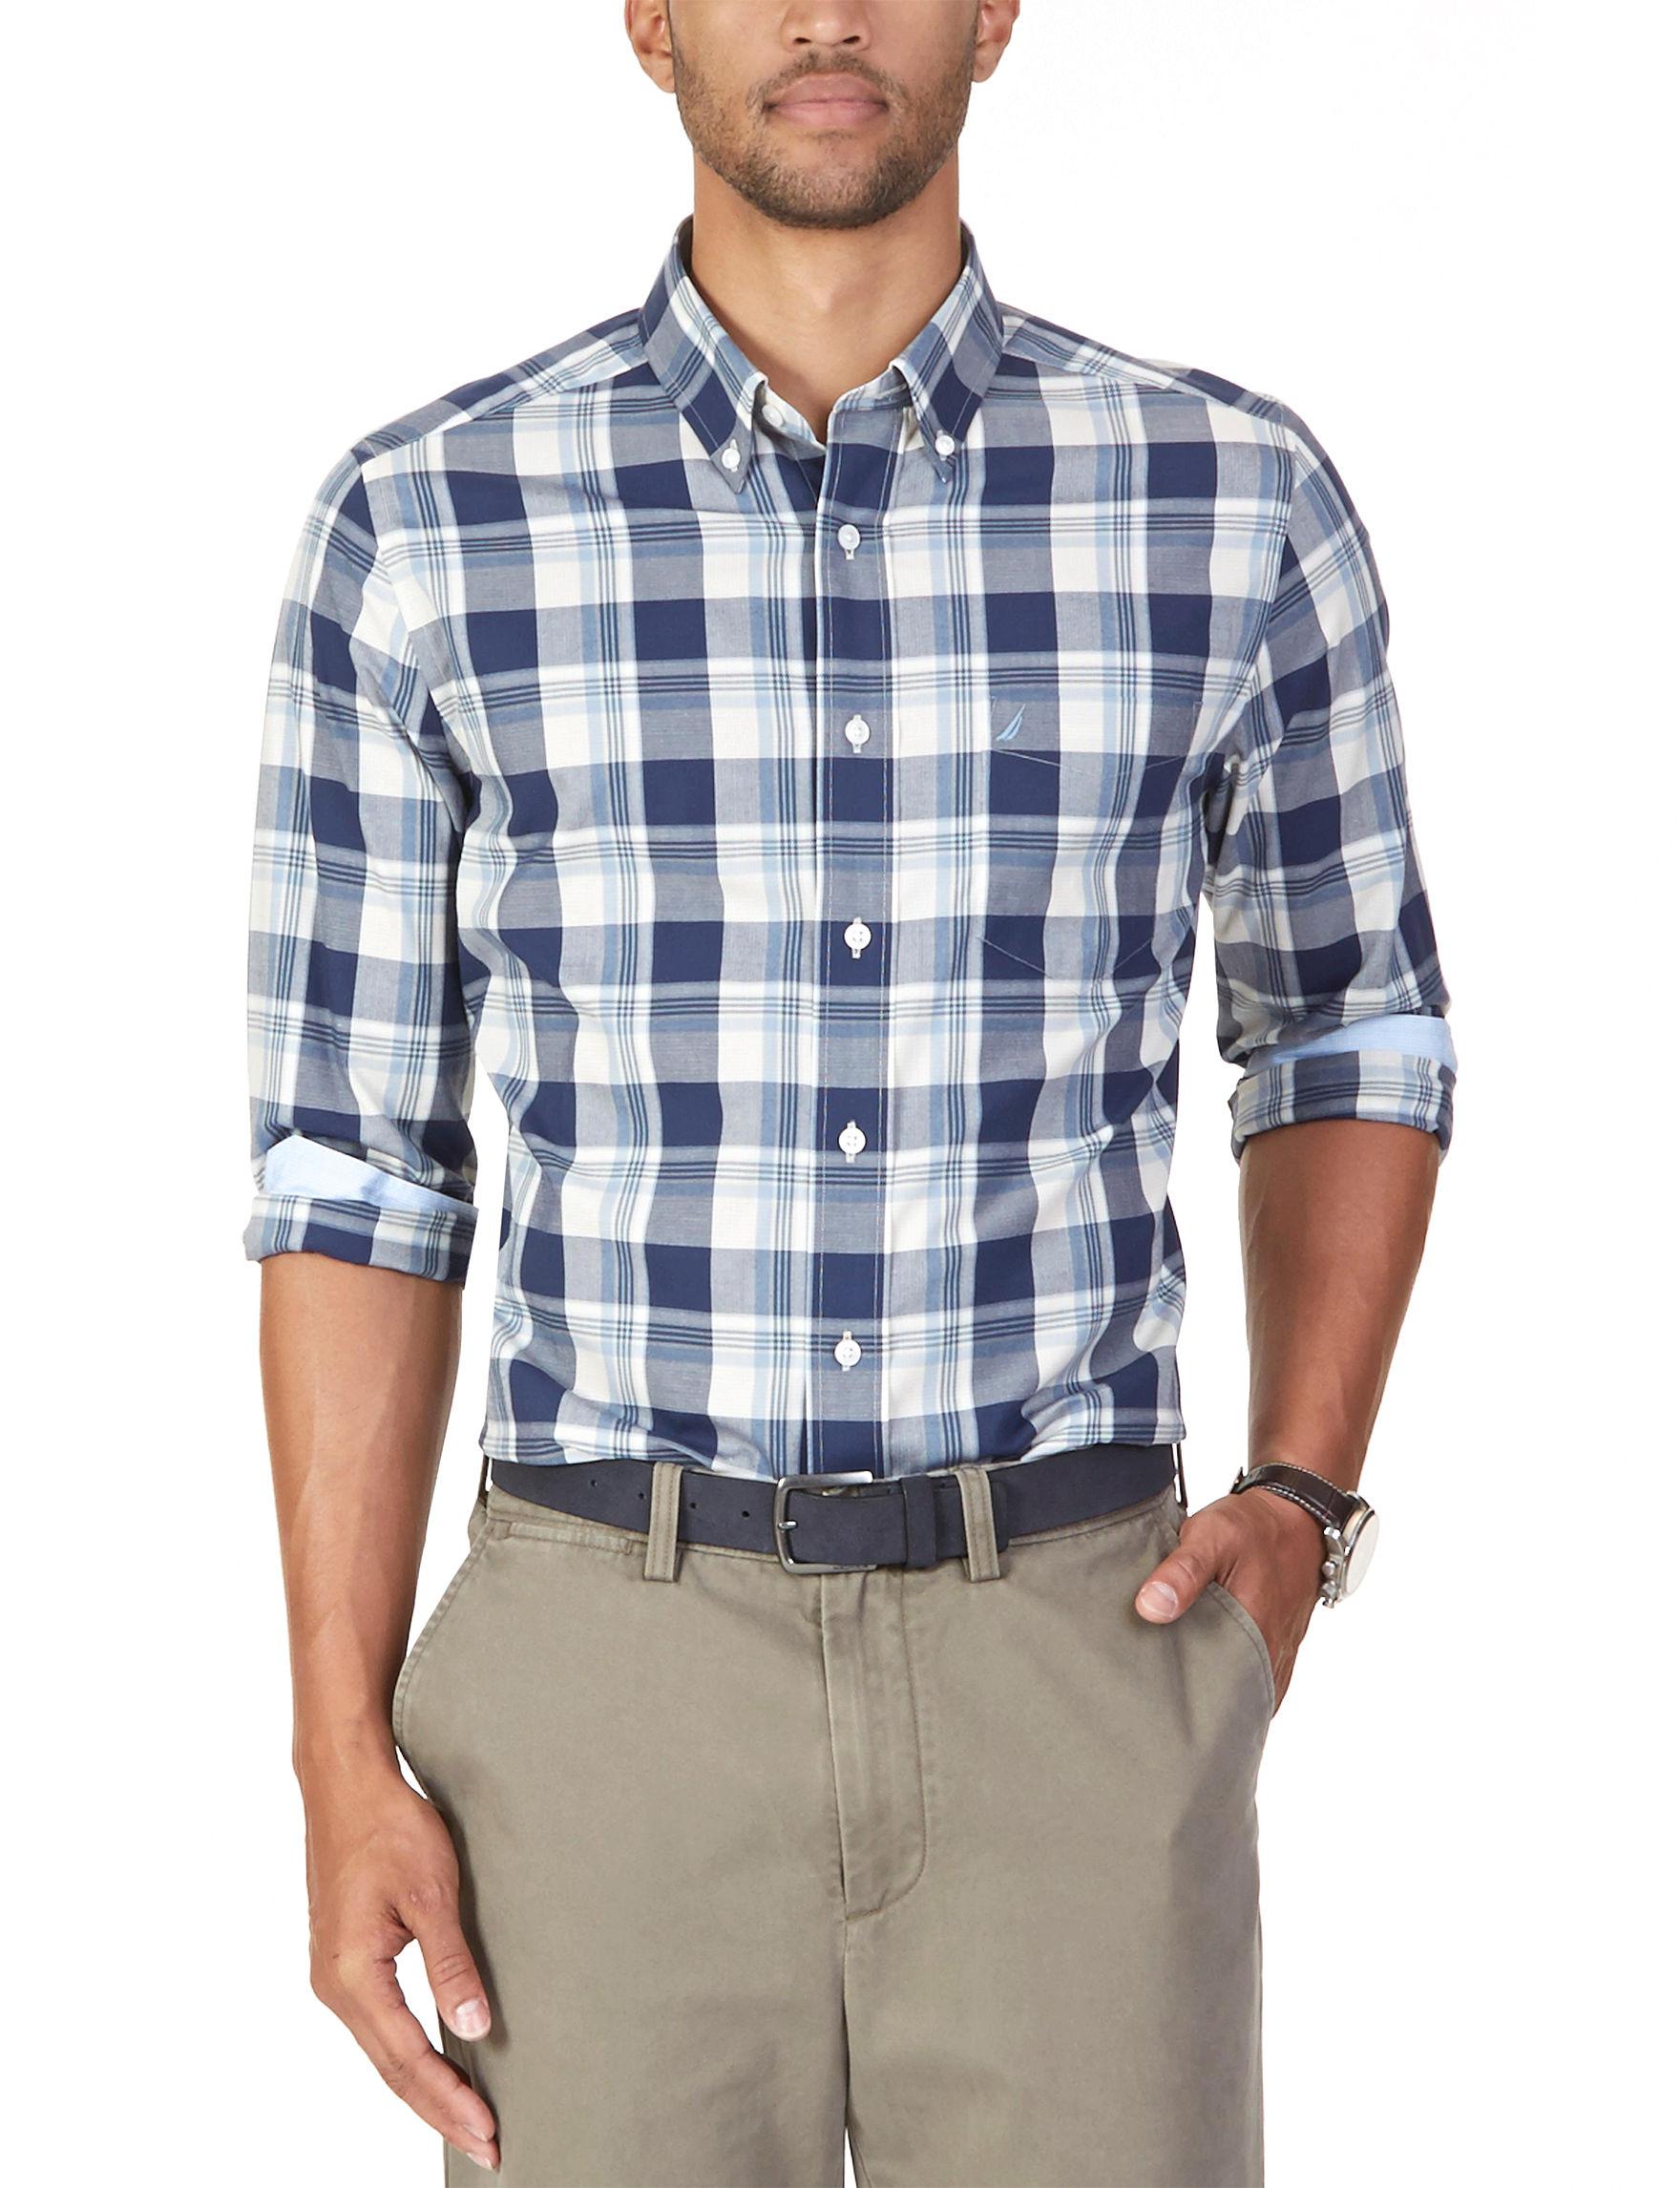 Nautica Marine Blue Casual Button Down Shirts